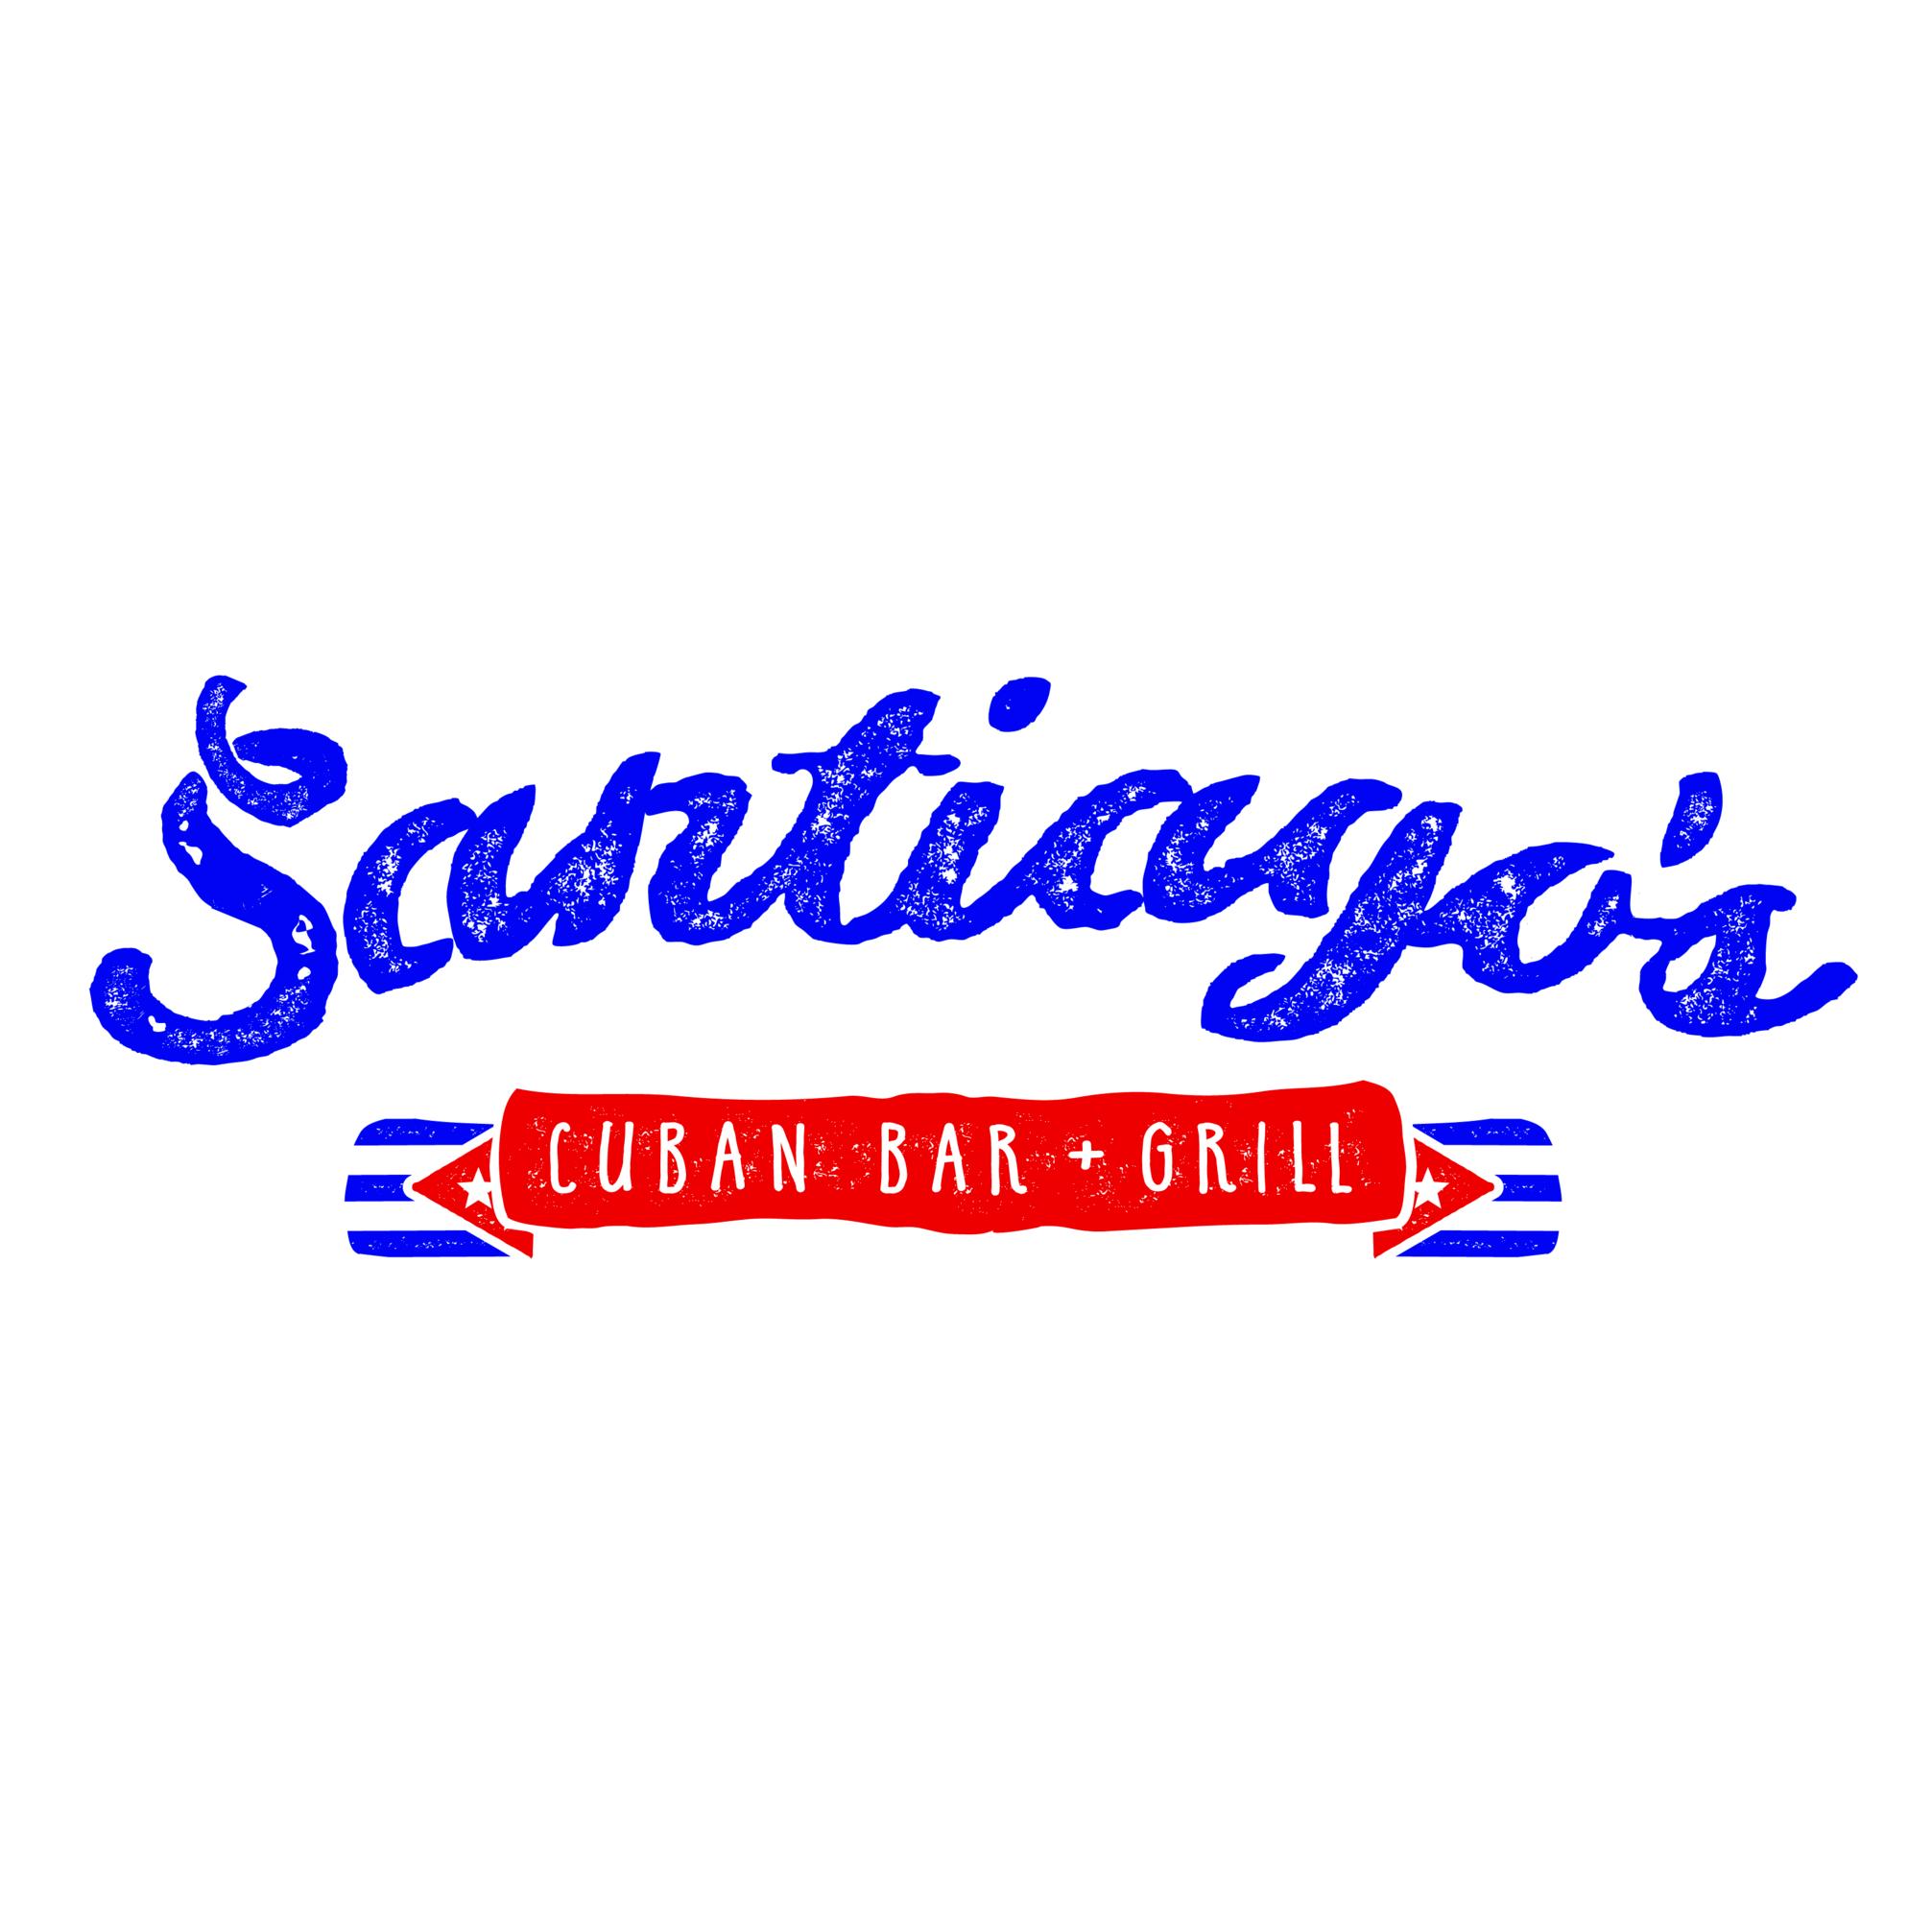 Santiago's Cuban Bar & Grill